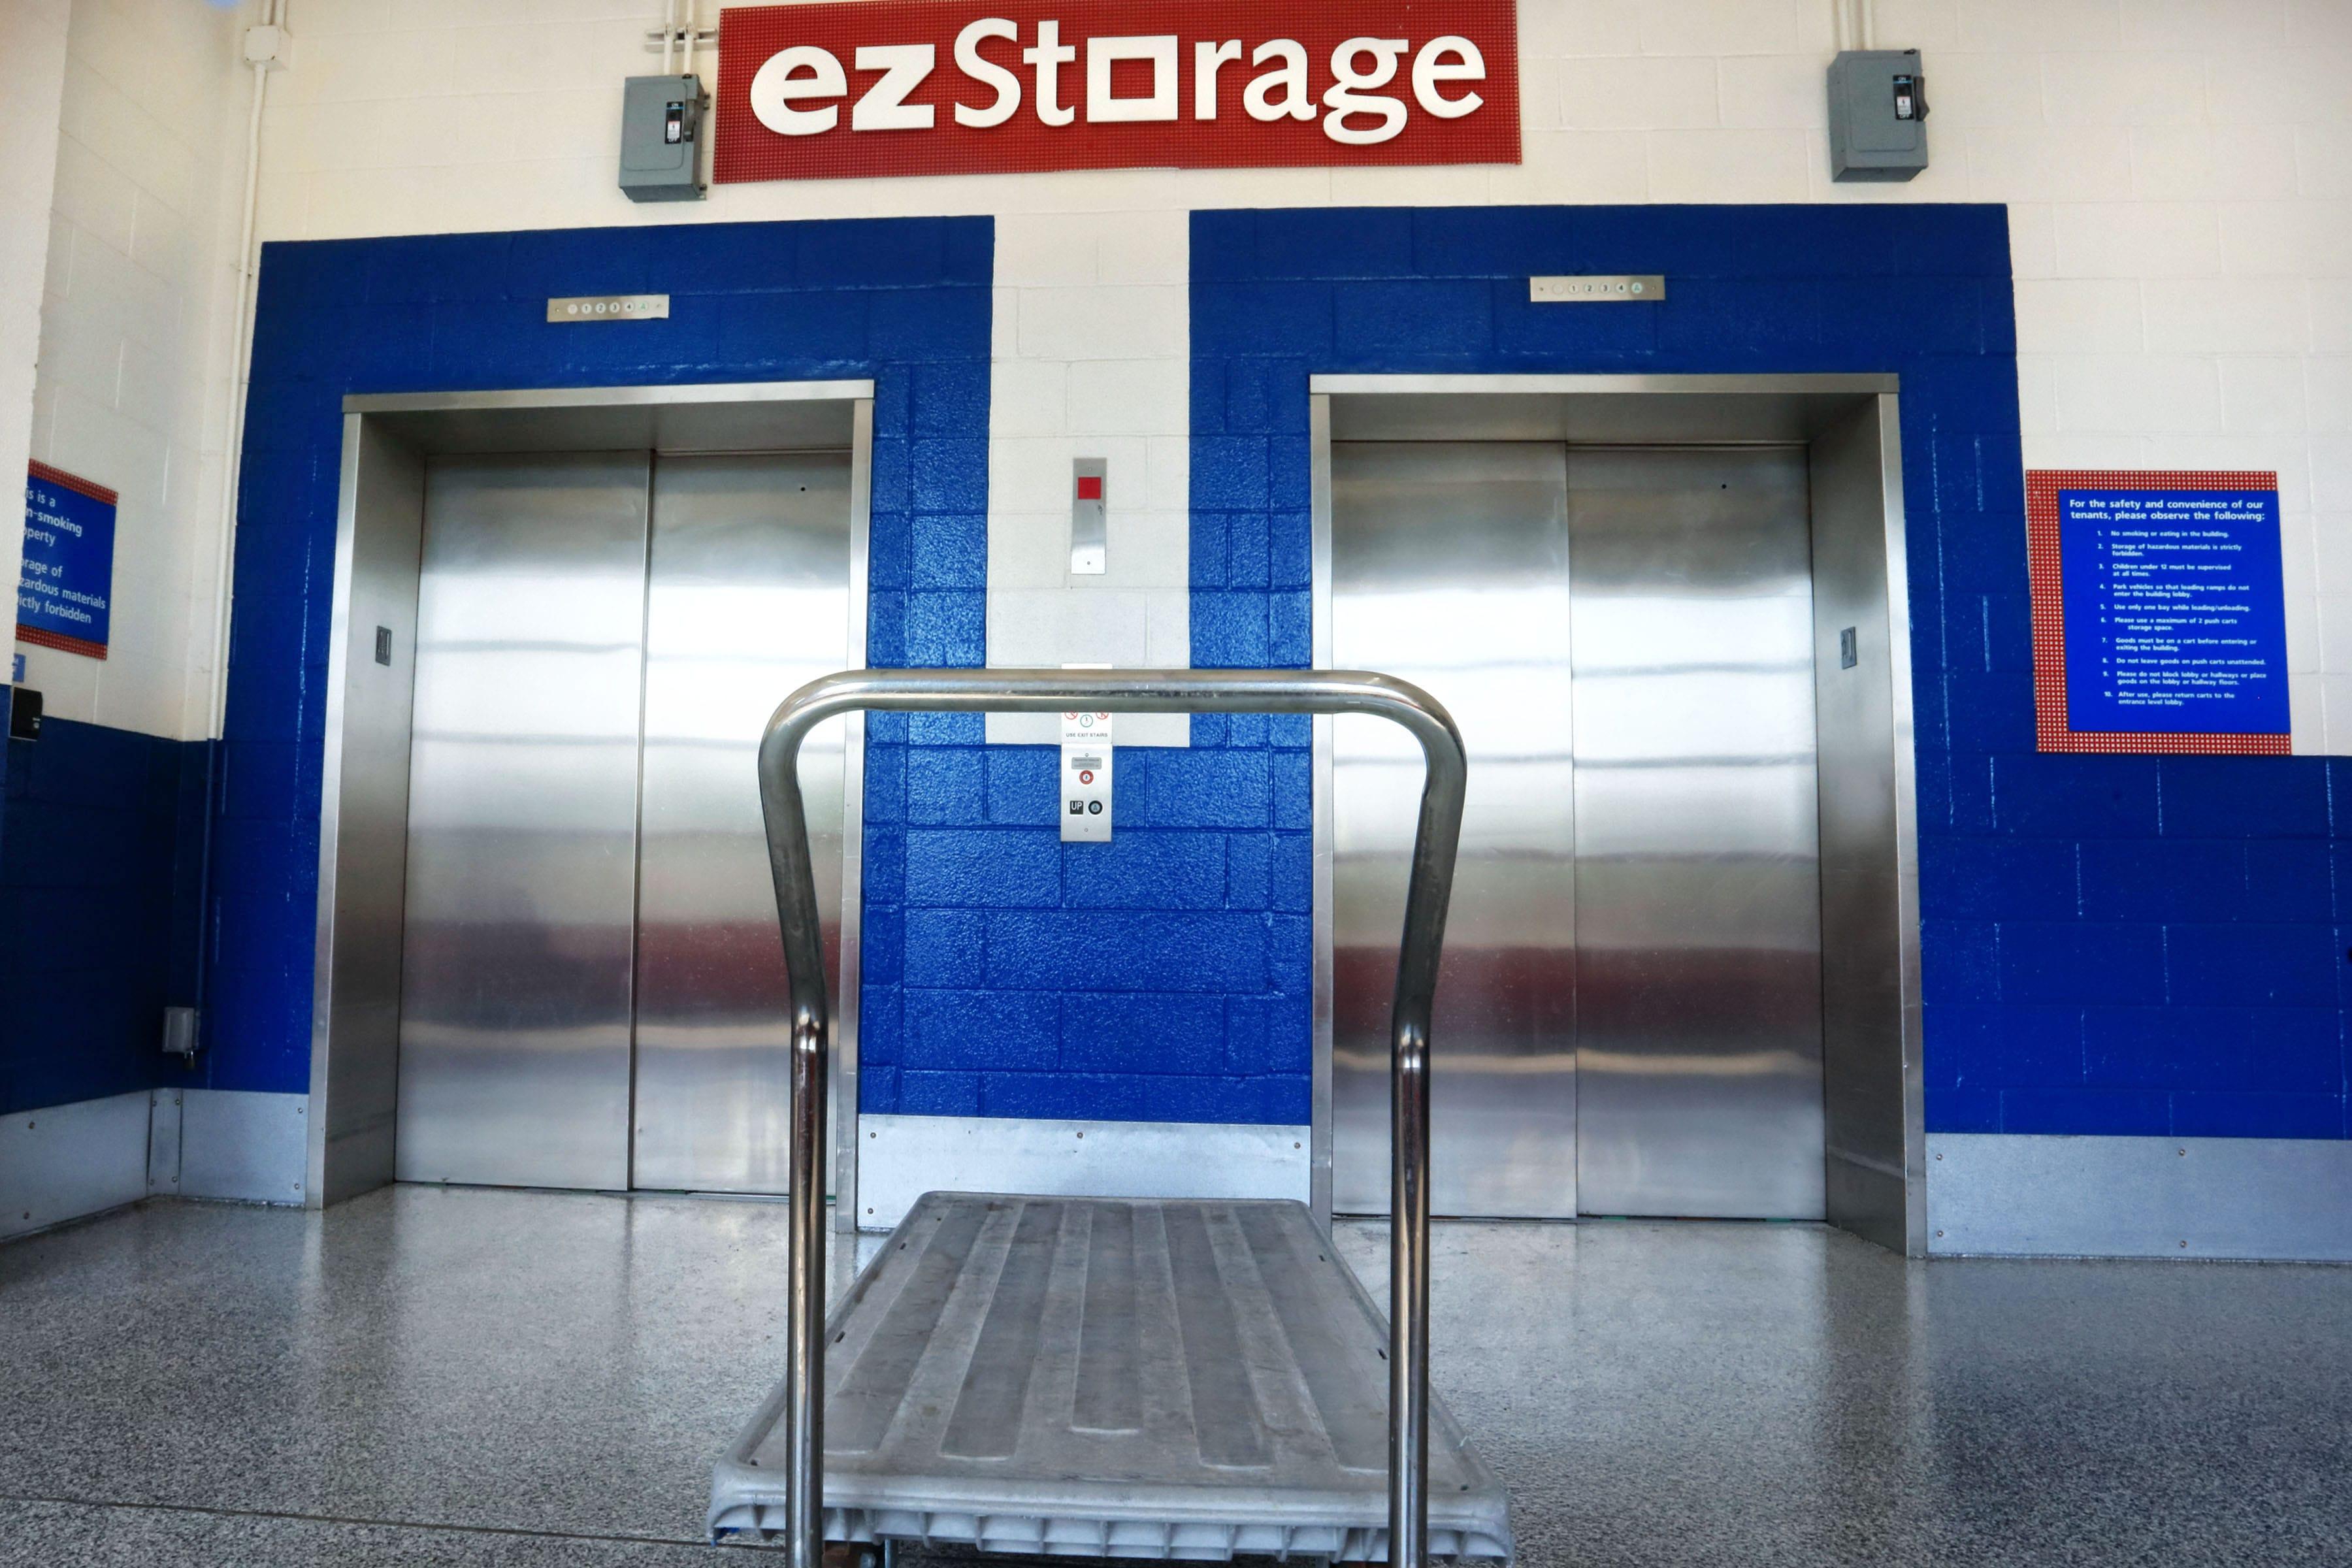 Ezstorage In Bowie Md 20715 Chamberofcommerce Com